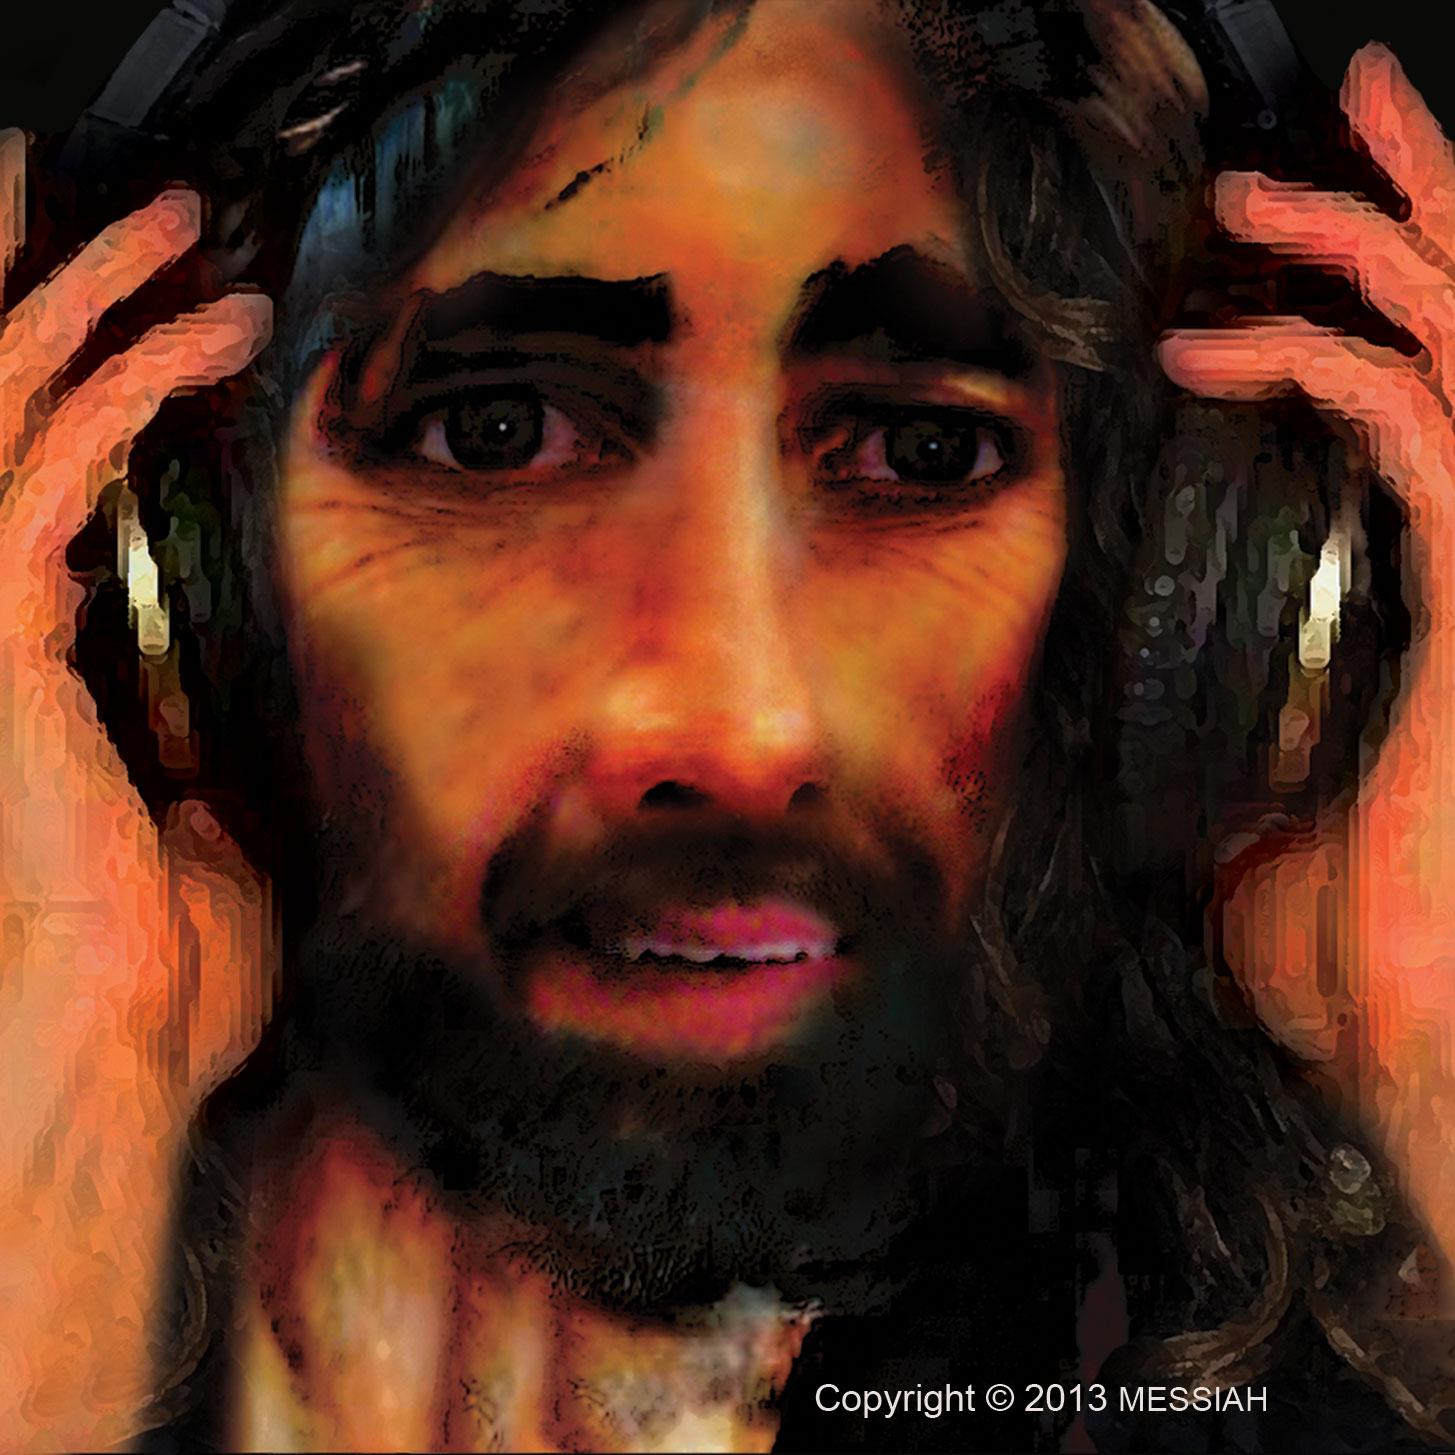 Jesus-with-Headphones-best